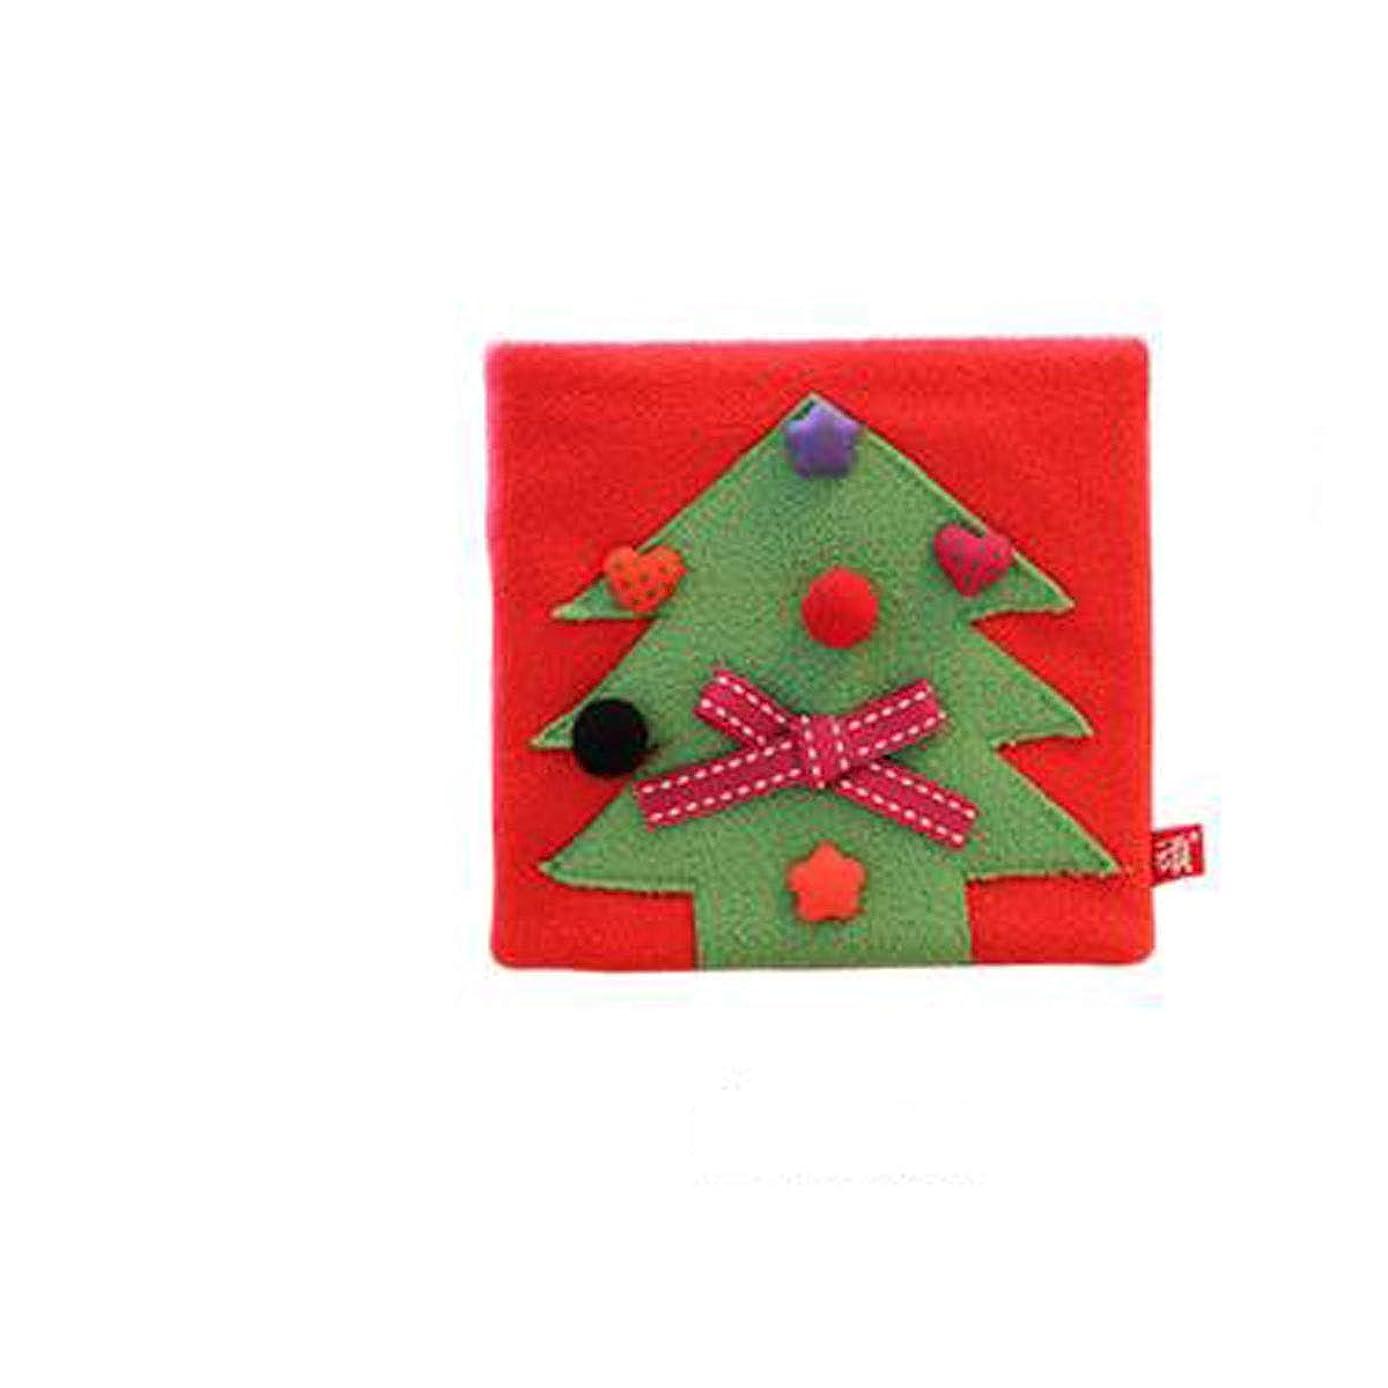 XIONGHAIZI 可愛いペットシリーズ、かわいいペットシリーズ、手帳、クラフト紙、日記、ポータブル、父の日の贈り物、中国のバレンタインデーの贈り物、学校の贈り物、クリスマスプレゼント、クリスマスツリー (Color : Red)